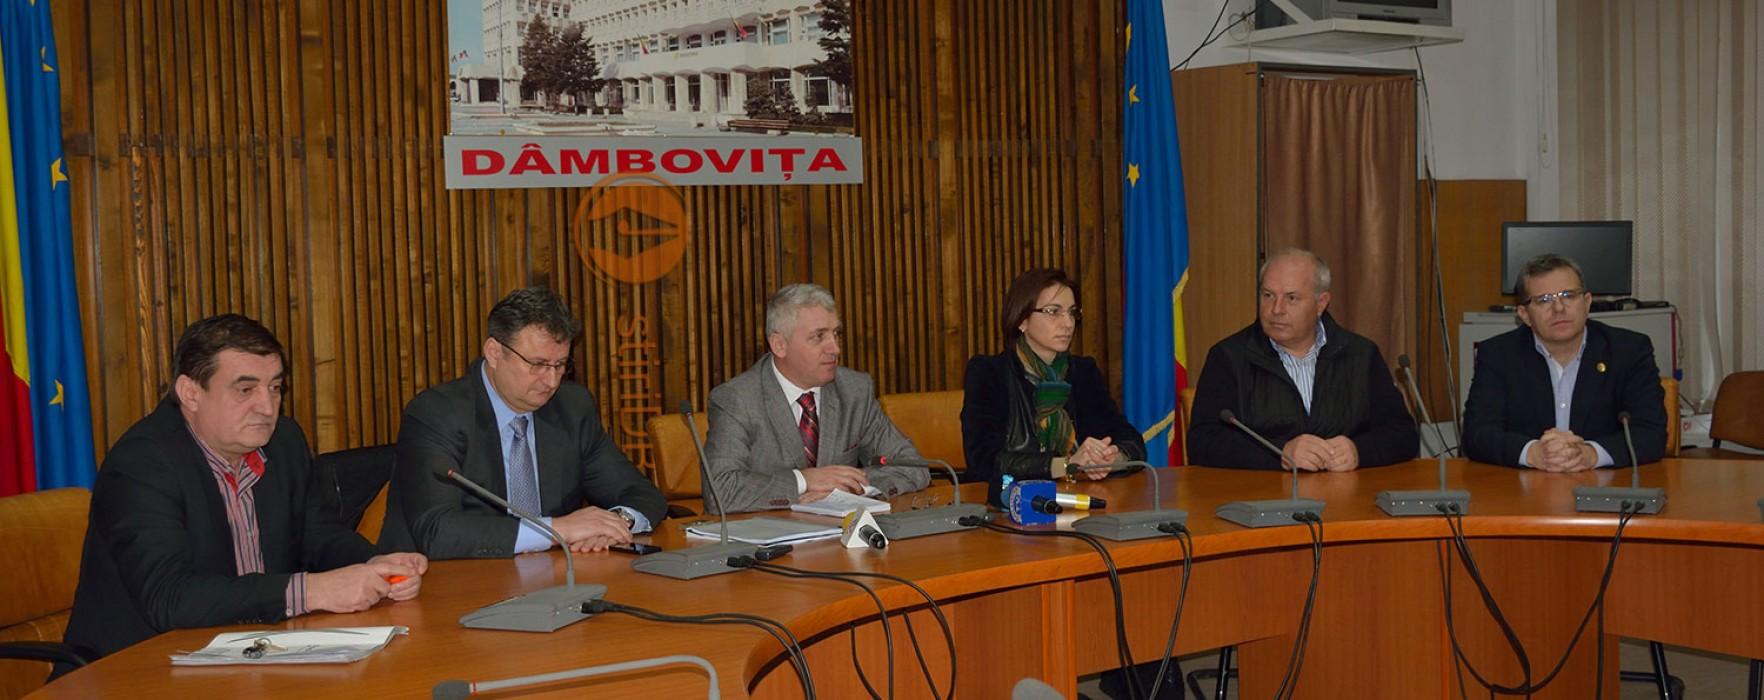 Întâlnire preşedintele CJD, Adrian Ţuţuianu, şi parlamentari de Dâmboviţa